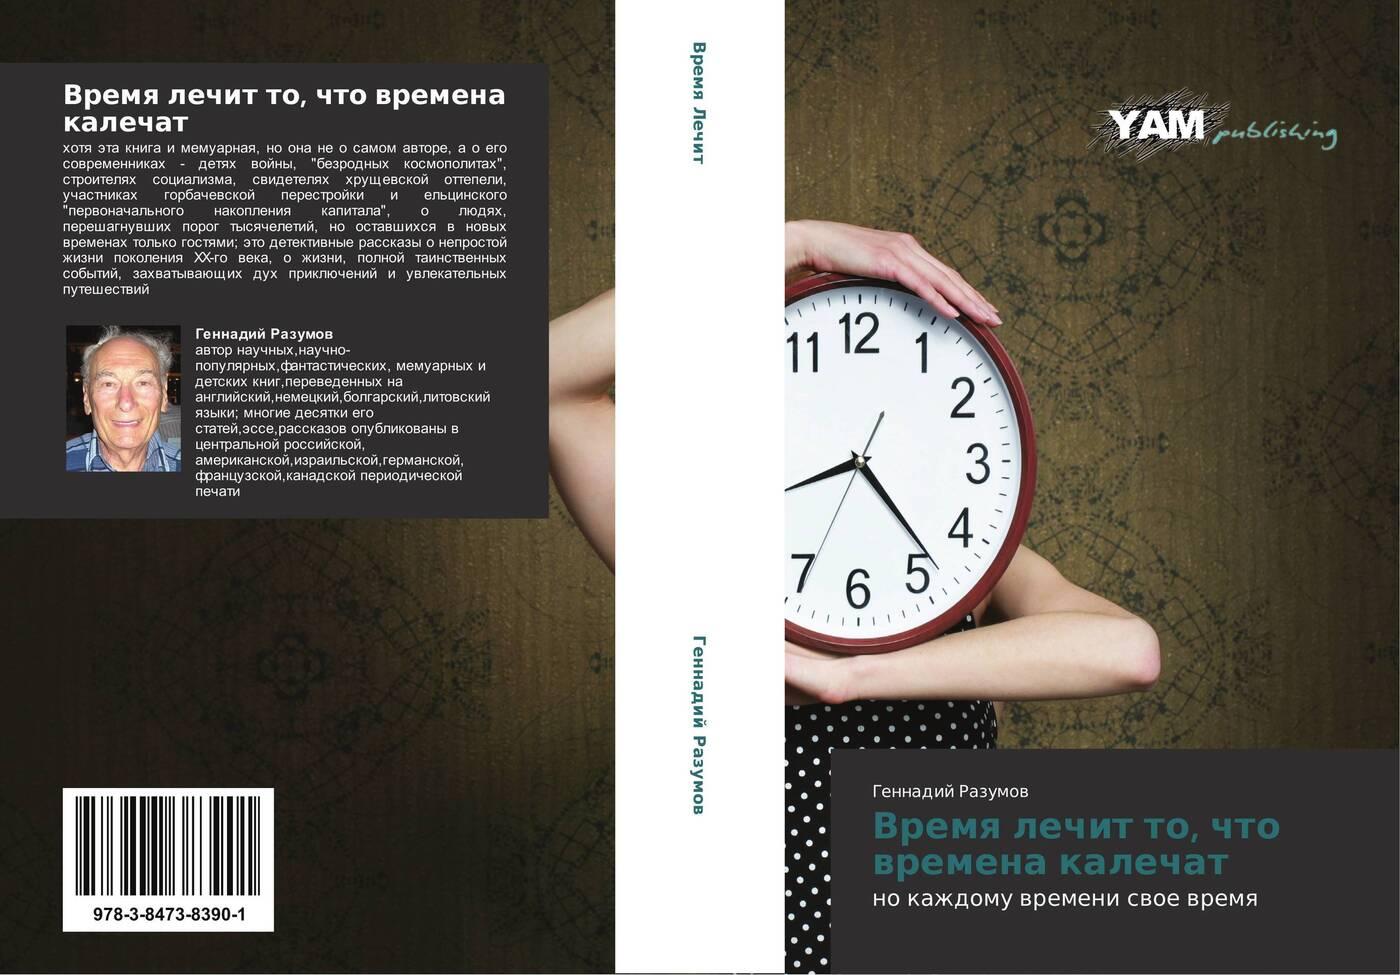 Геннадий Разумов Время лечит то, что времена калечат